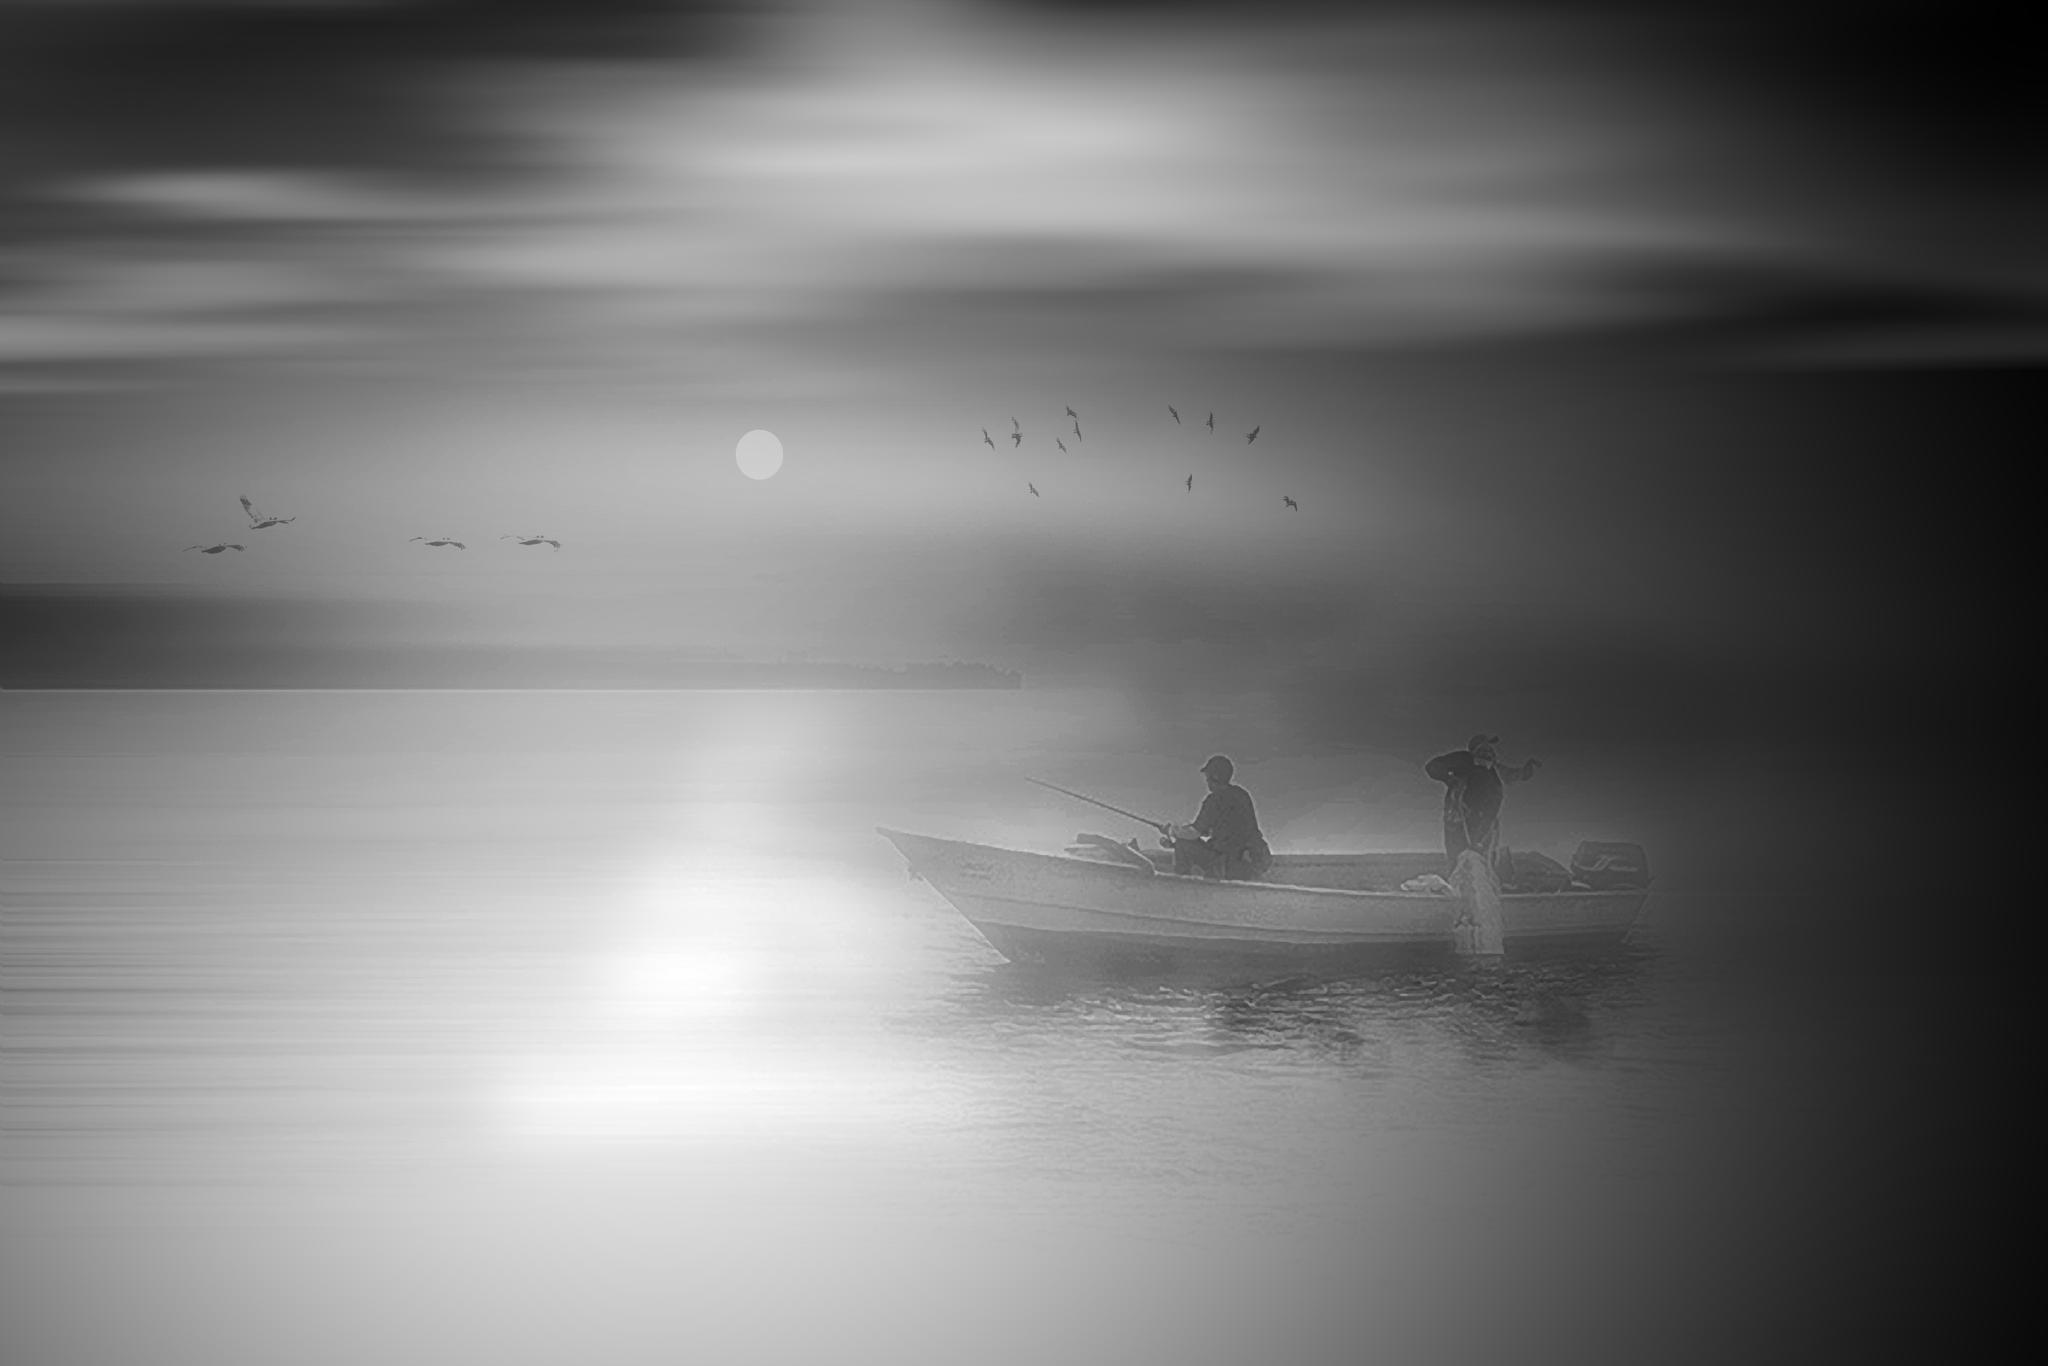 Foggy dawn fishing by Tony Guzman